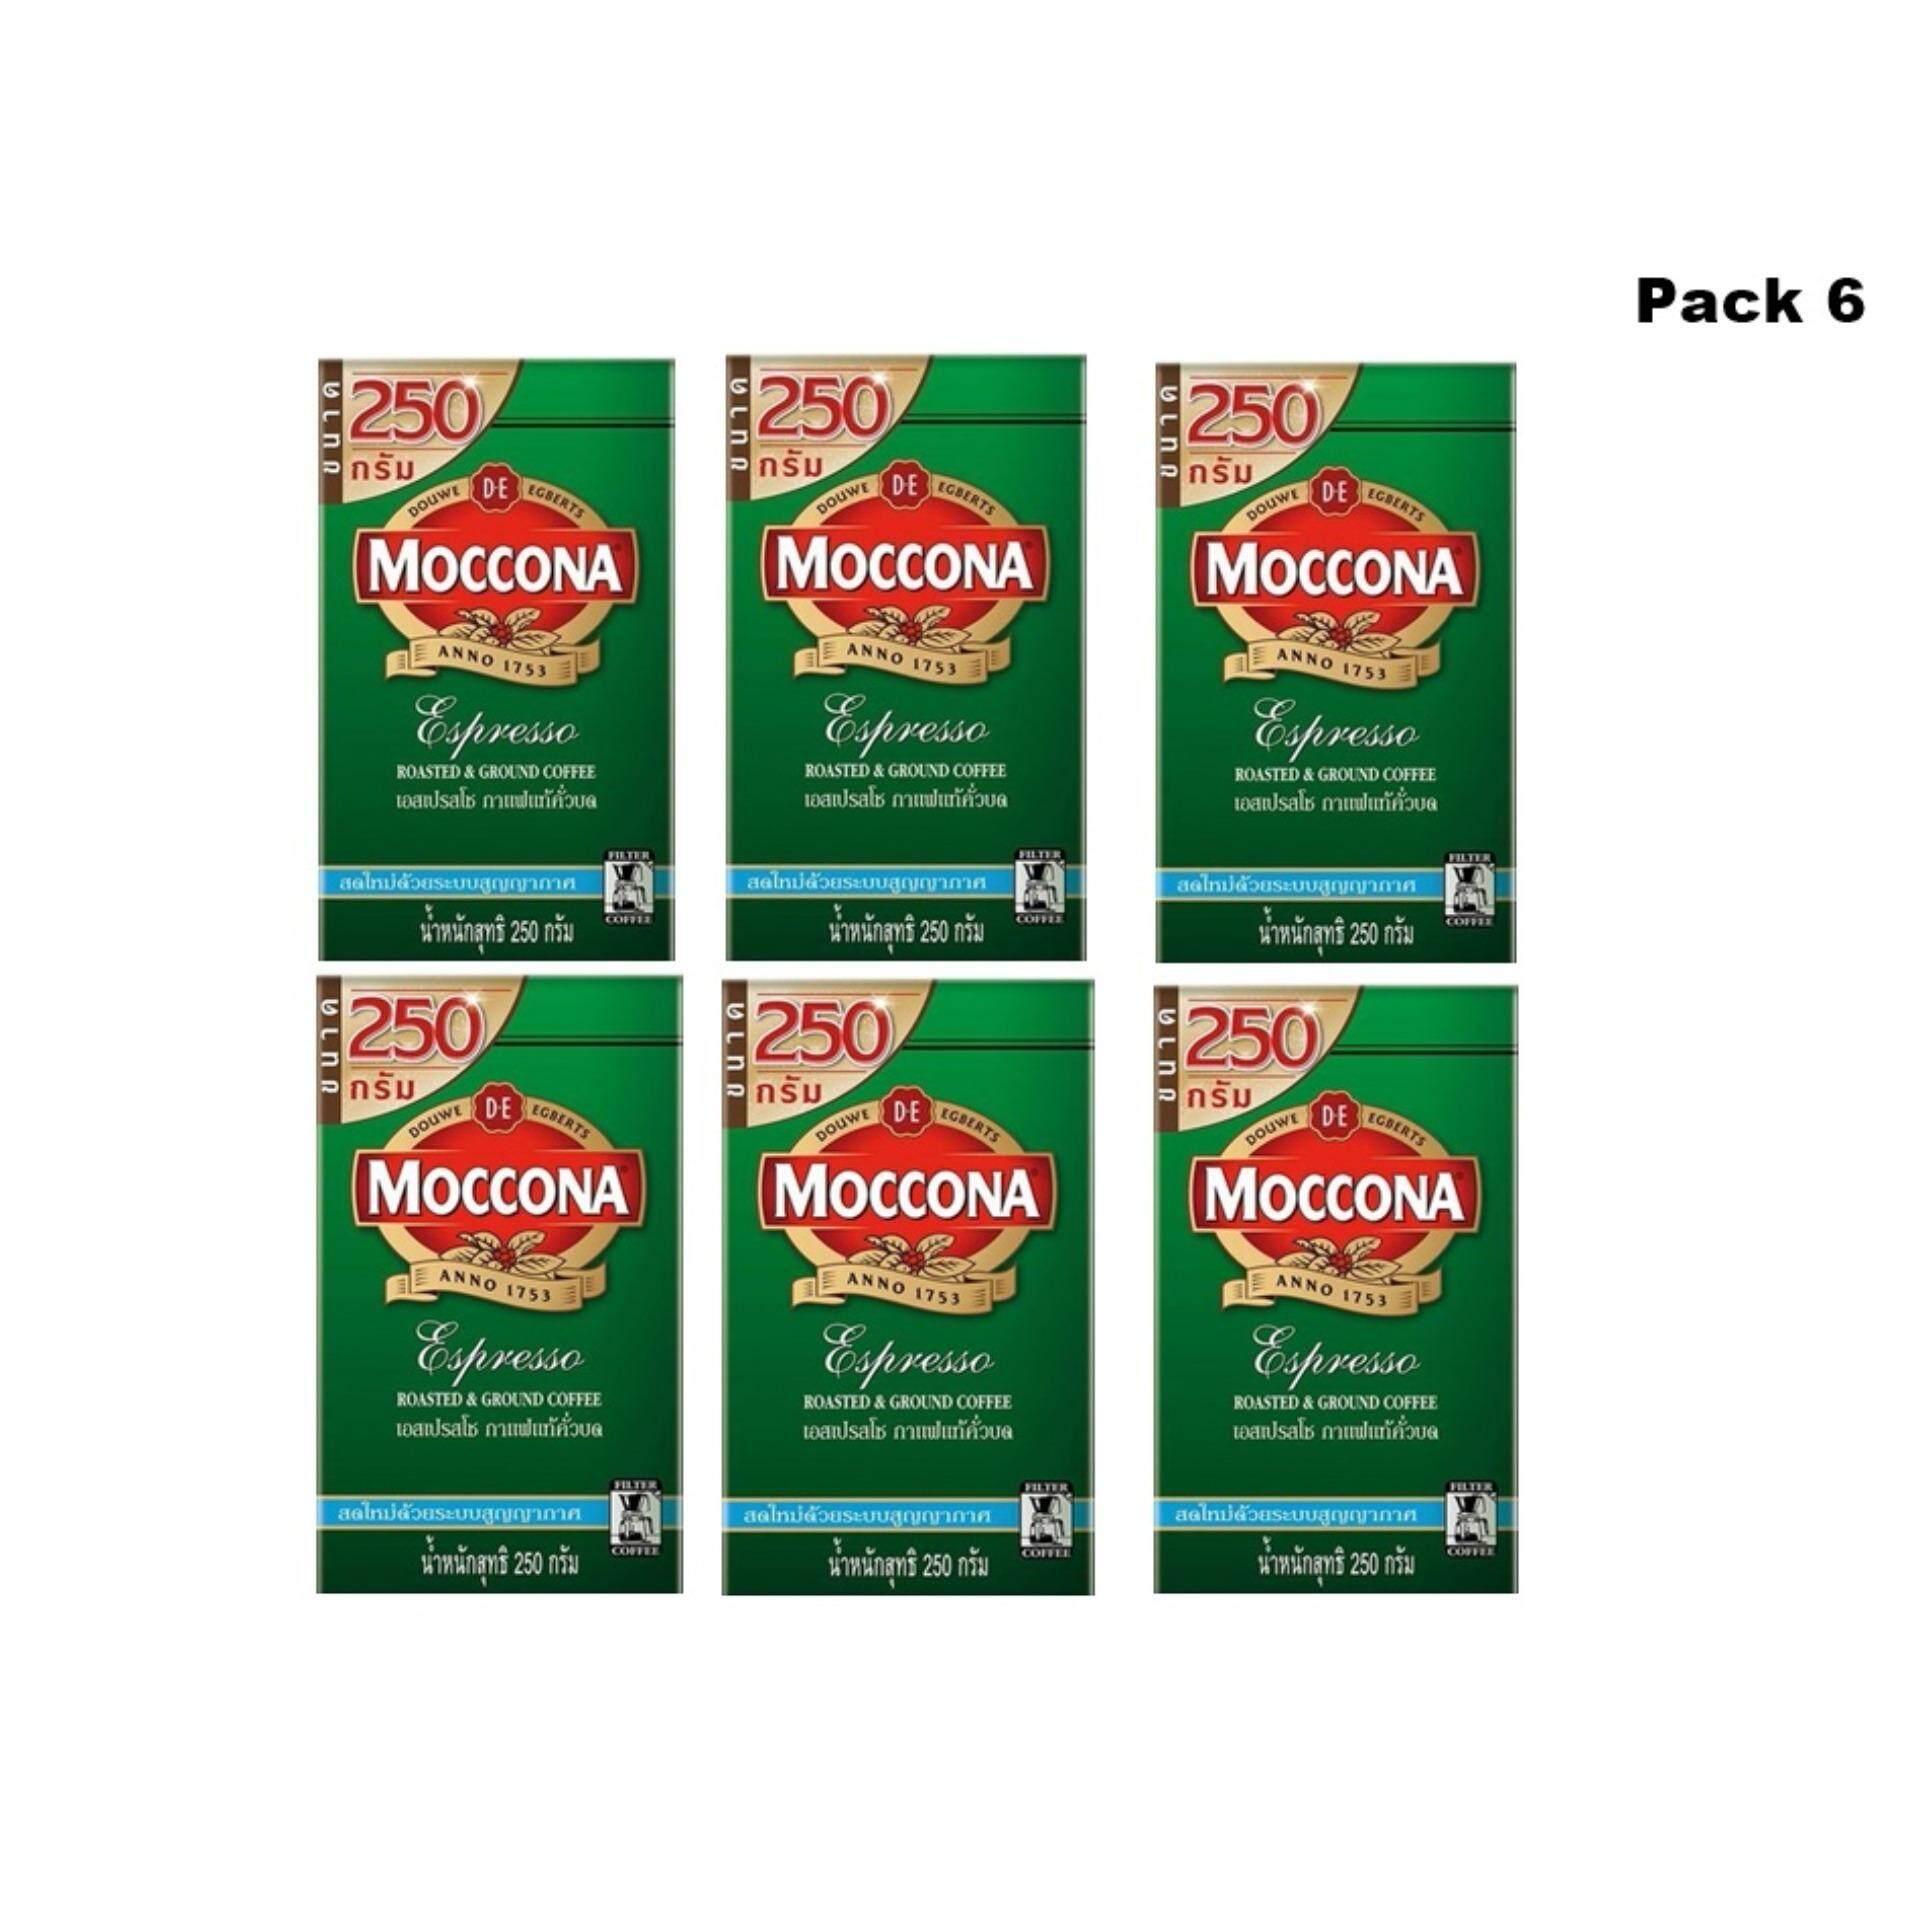 ราคา กาแฟคั่วบด มอคโคน่า เอสเปรสโซ Moccona ออนไลน์